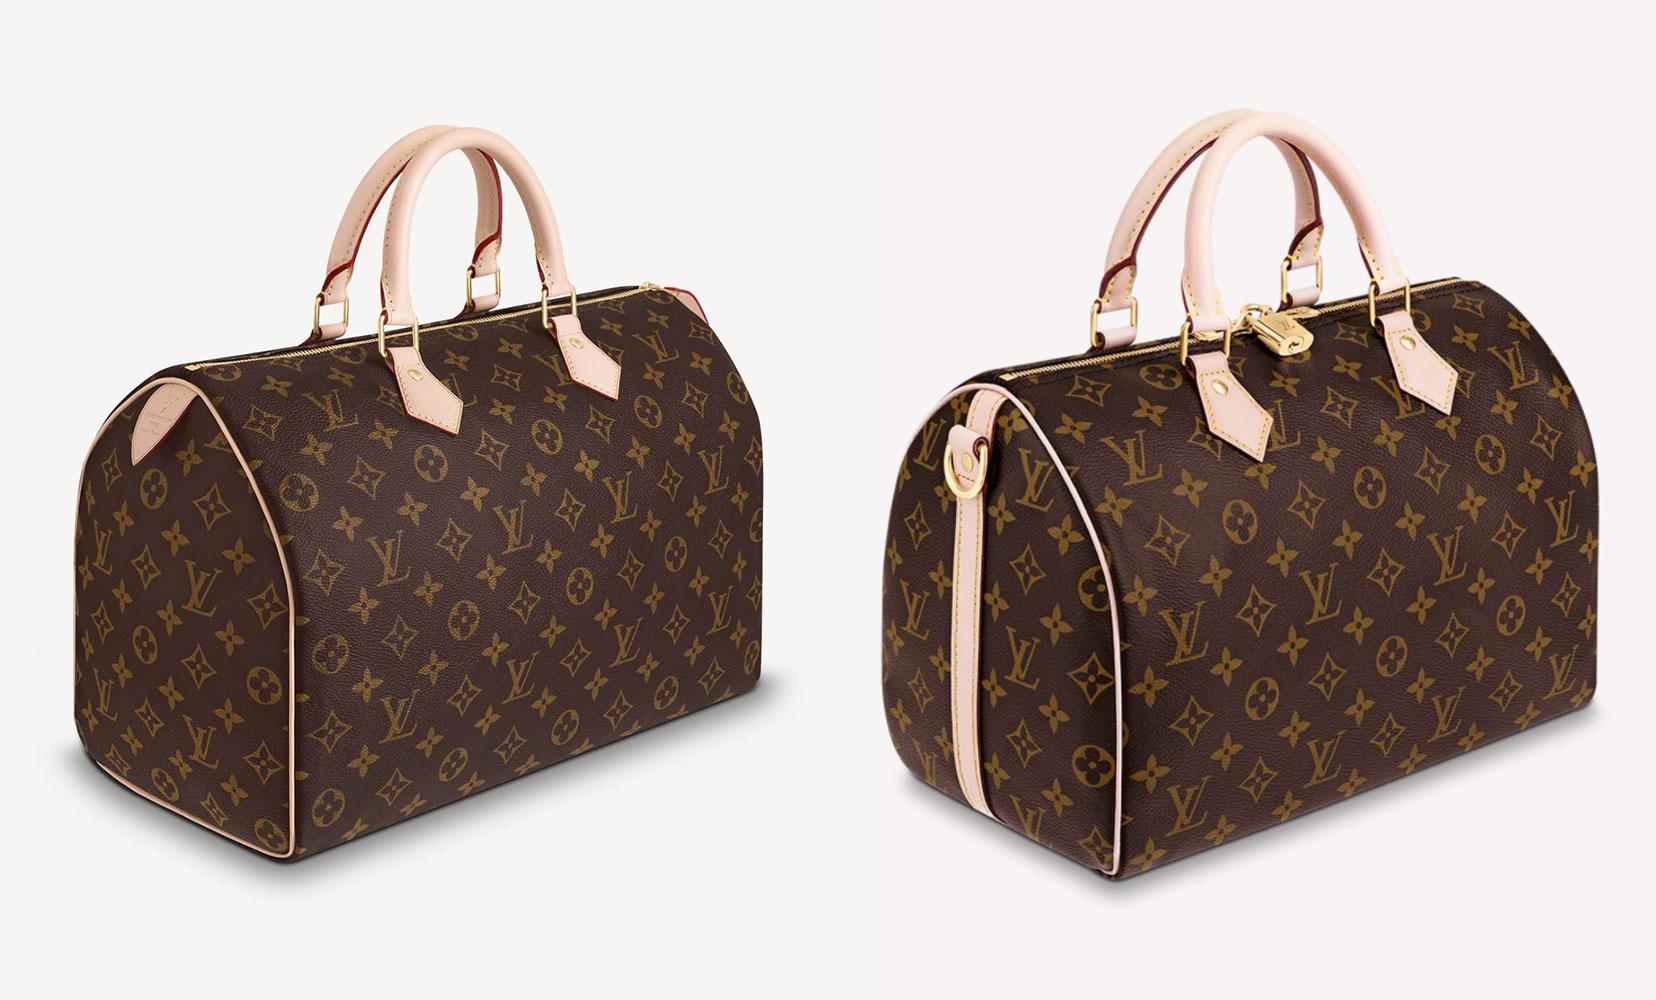 Tất cả những gì bạn cần biết về túi xách Louis Vuitton Speedy